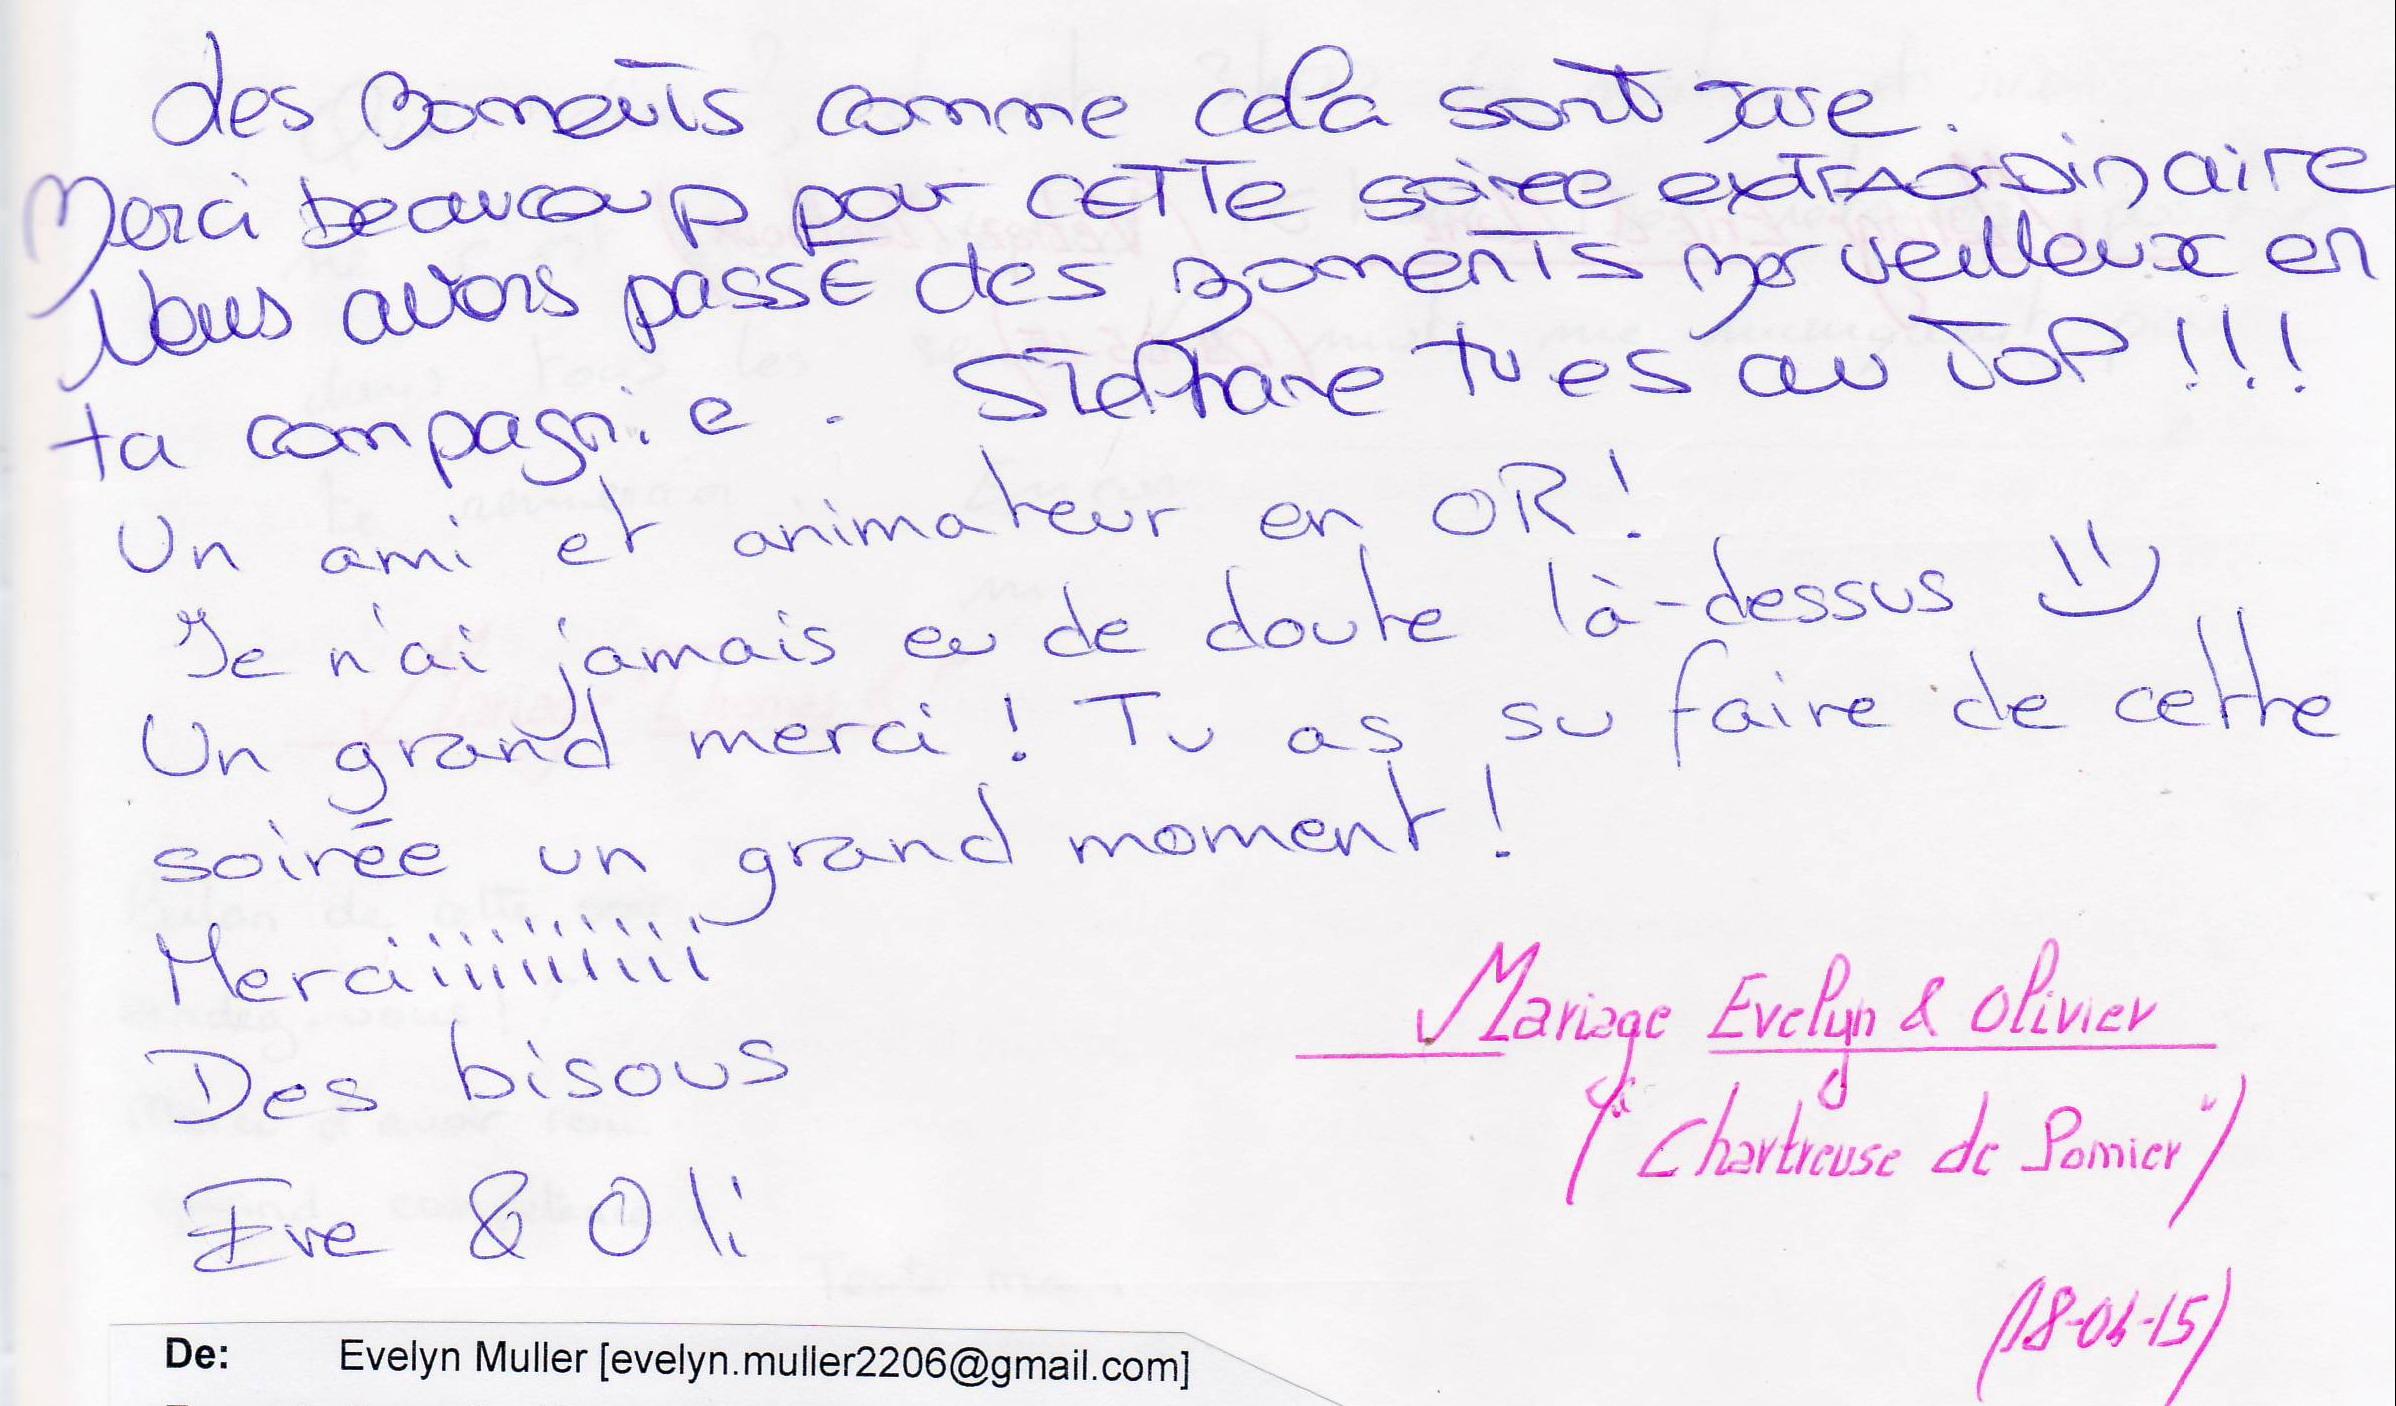 Mariage PENSIS Olivier & Evelyn (Chartreuse de Pomier) (18-04-2016)